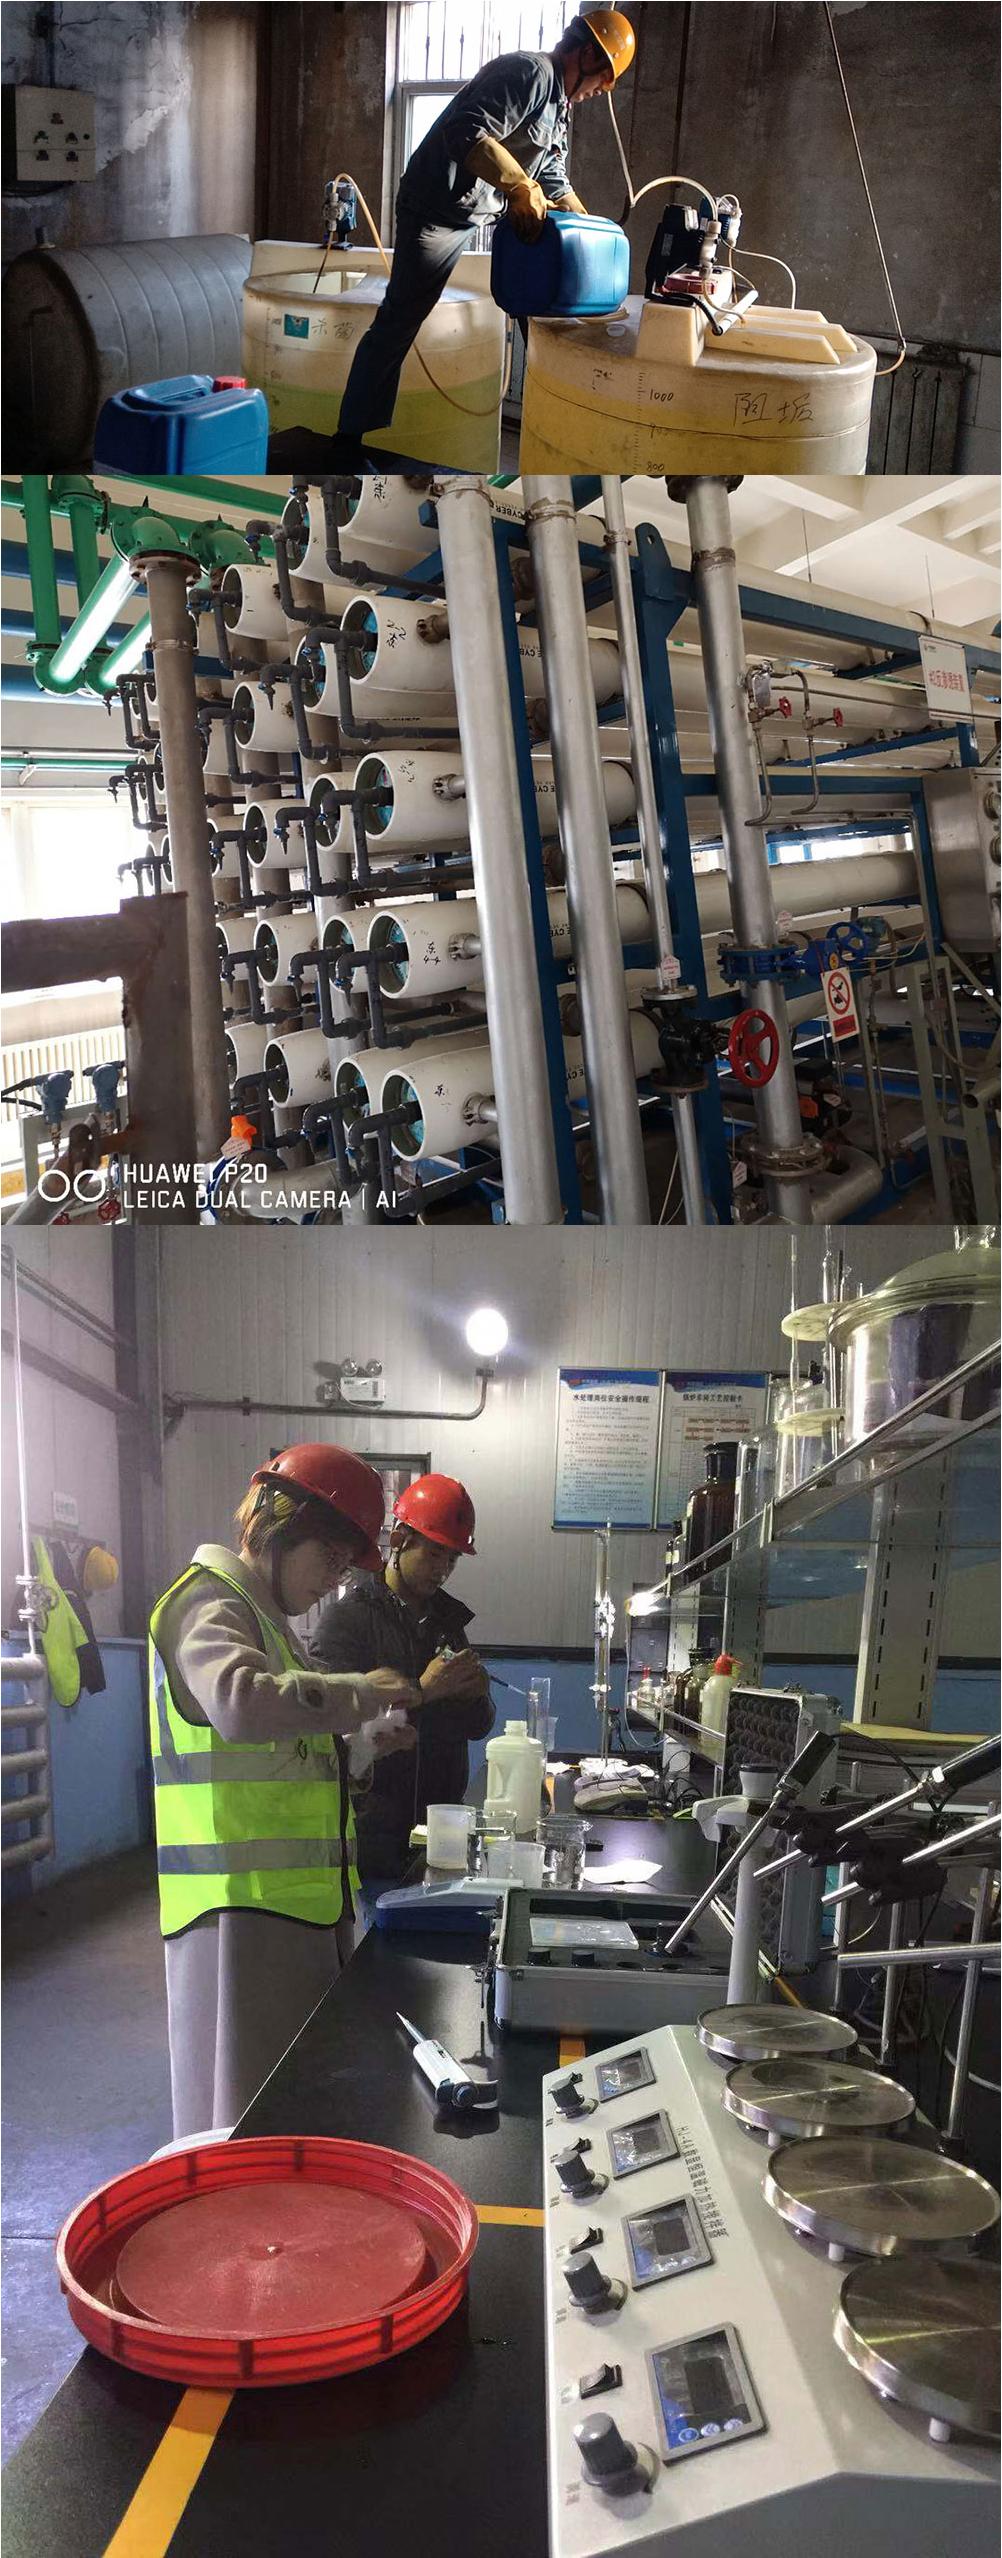 拉萨环保厂反渗透阻垢剂使用现场_山东鲁东环保科技有限公司